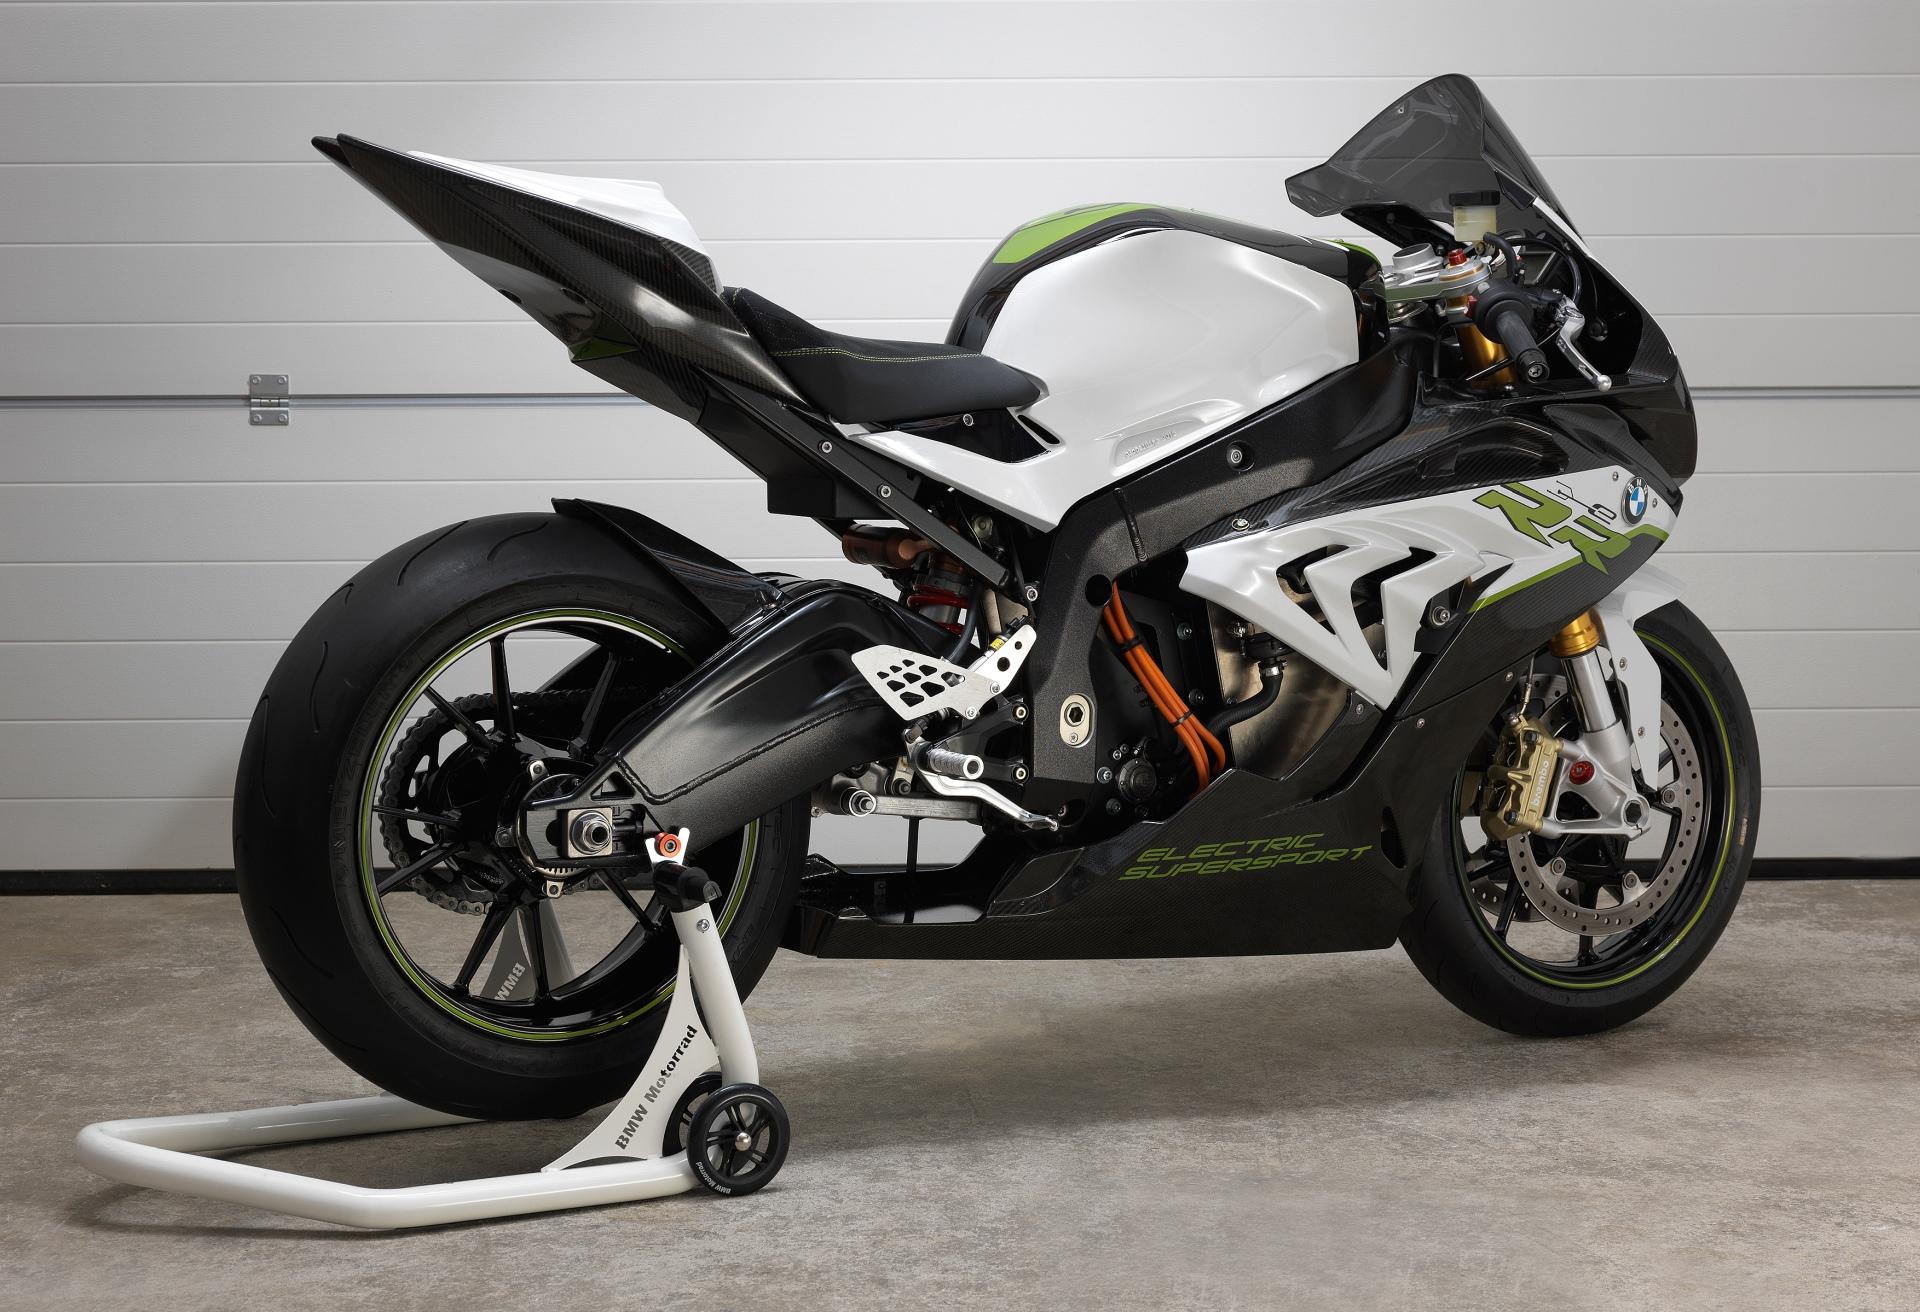 Elektryczny motocykl bmw err wkr tce w sprzeda y samochody elektryczne - Image moto sportive ...